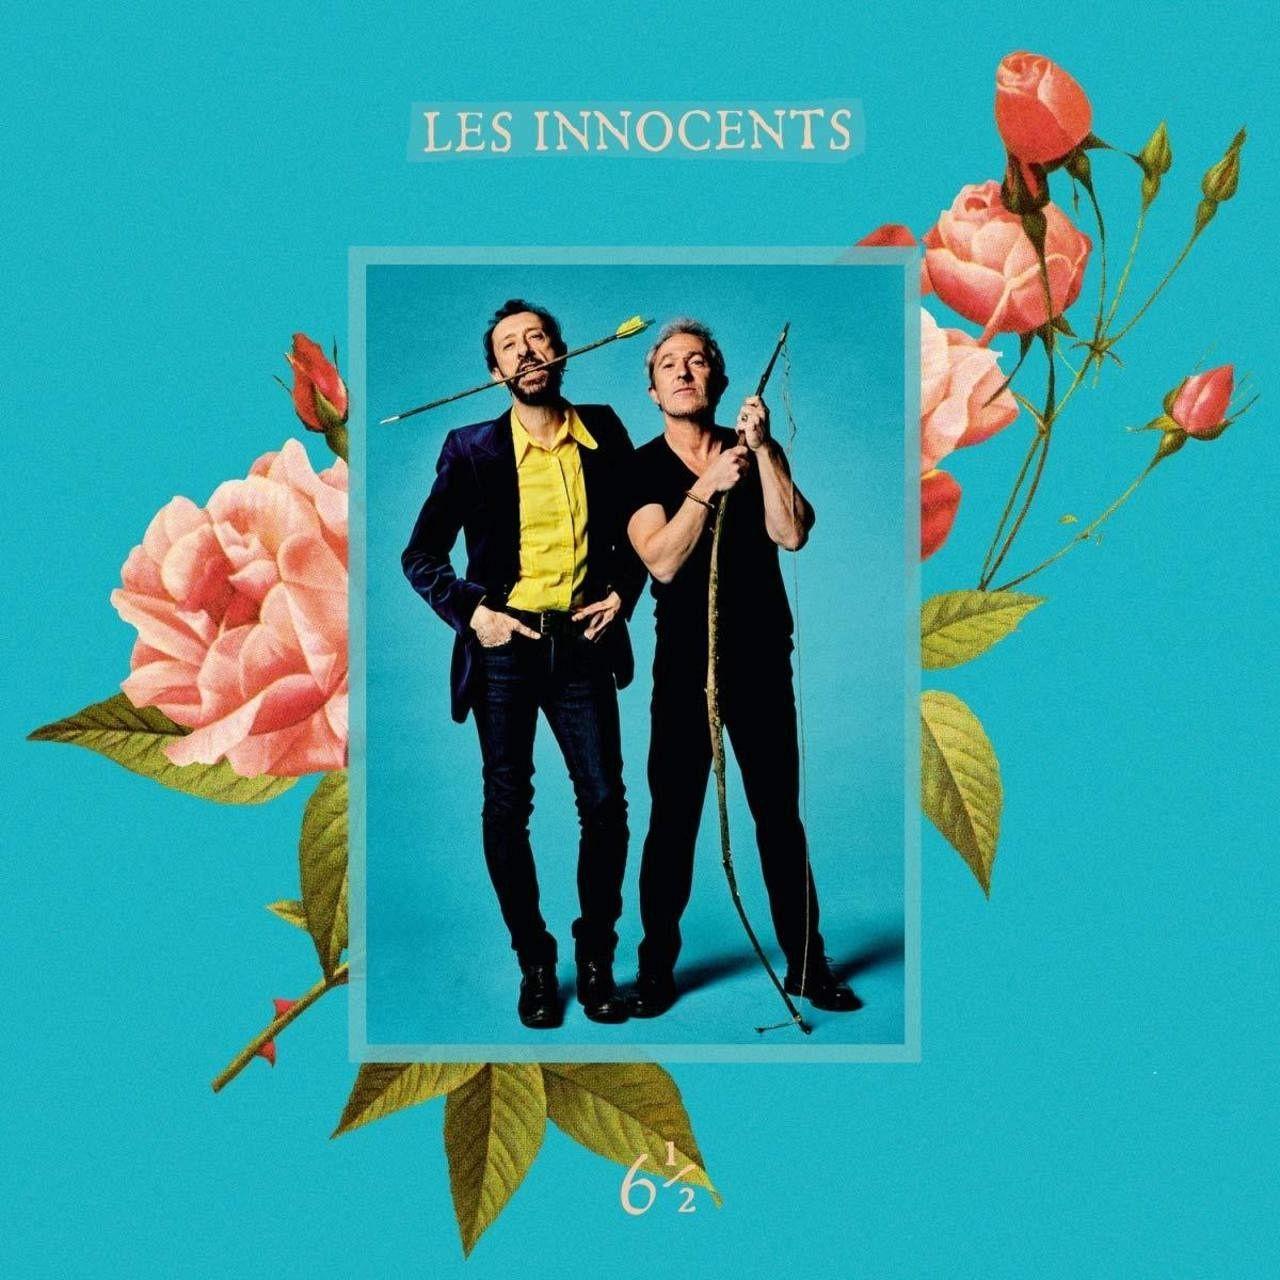 Les Innocents - 6 ½ album cover